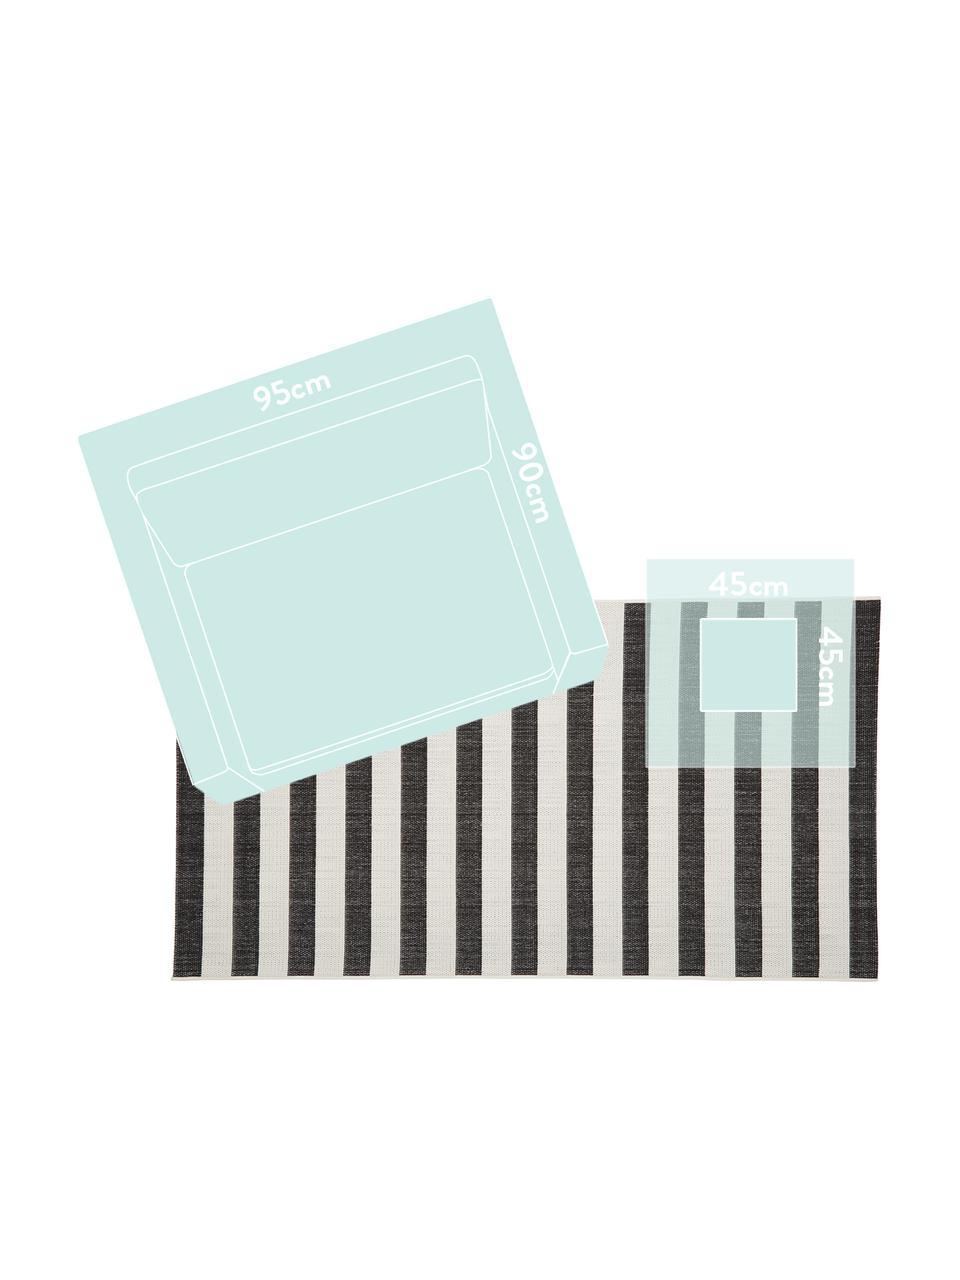 Tappeto nero/bianco a righe da interno-esterno Axa, 86% polipropilene, 14% poliestere, Bianco crema, nero, Larg. 200 x Lung. 290 cm  (taglia L)